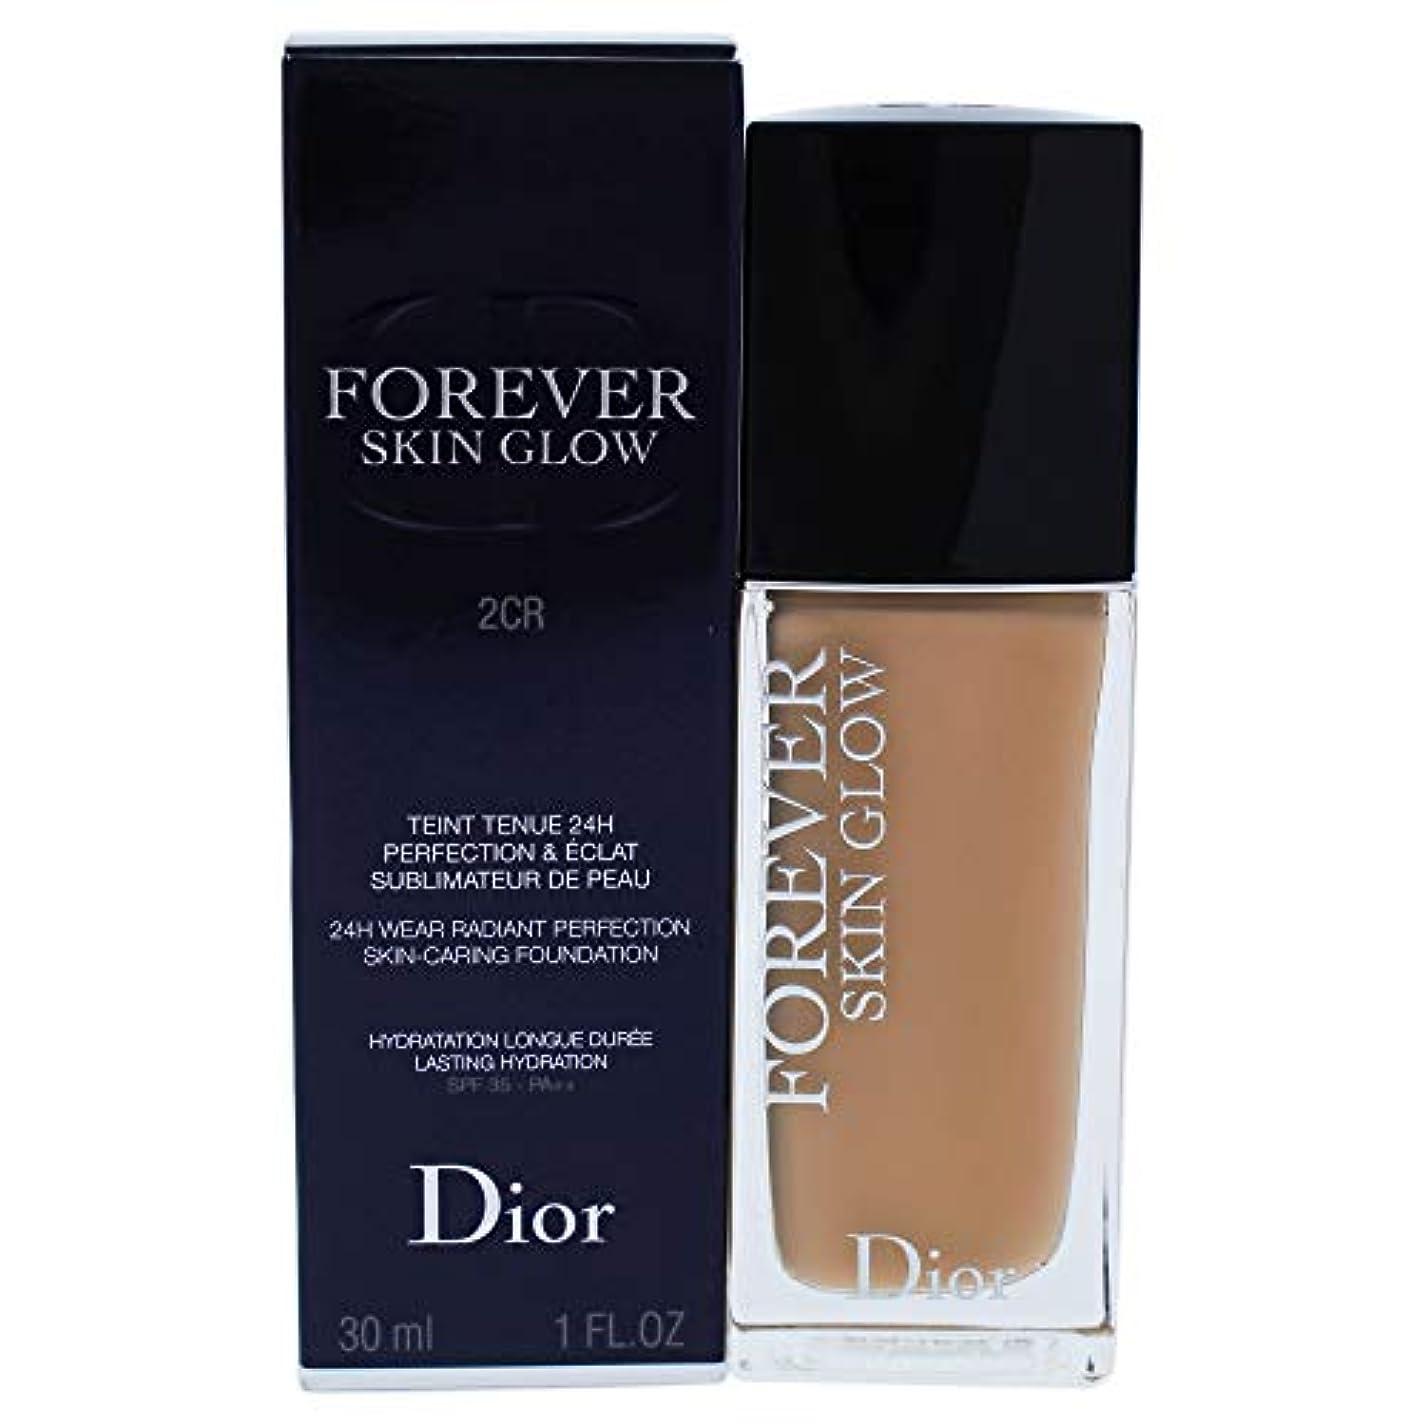 発明静的悪質なクリスチャンディオール Dior Forever Skin Glow 24H Wear High Perfection Foundation SPF 35 - # 2CR (Cool Rosy) 30ml/1oz並行輸入品